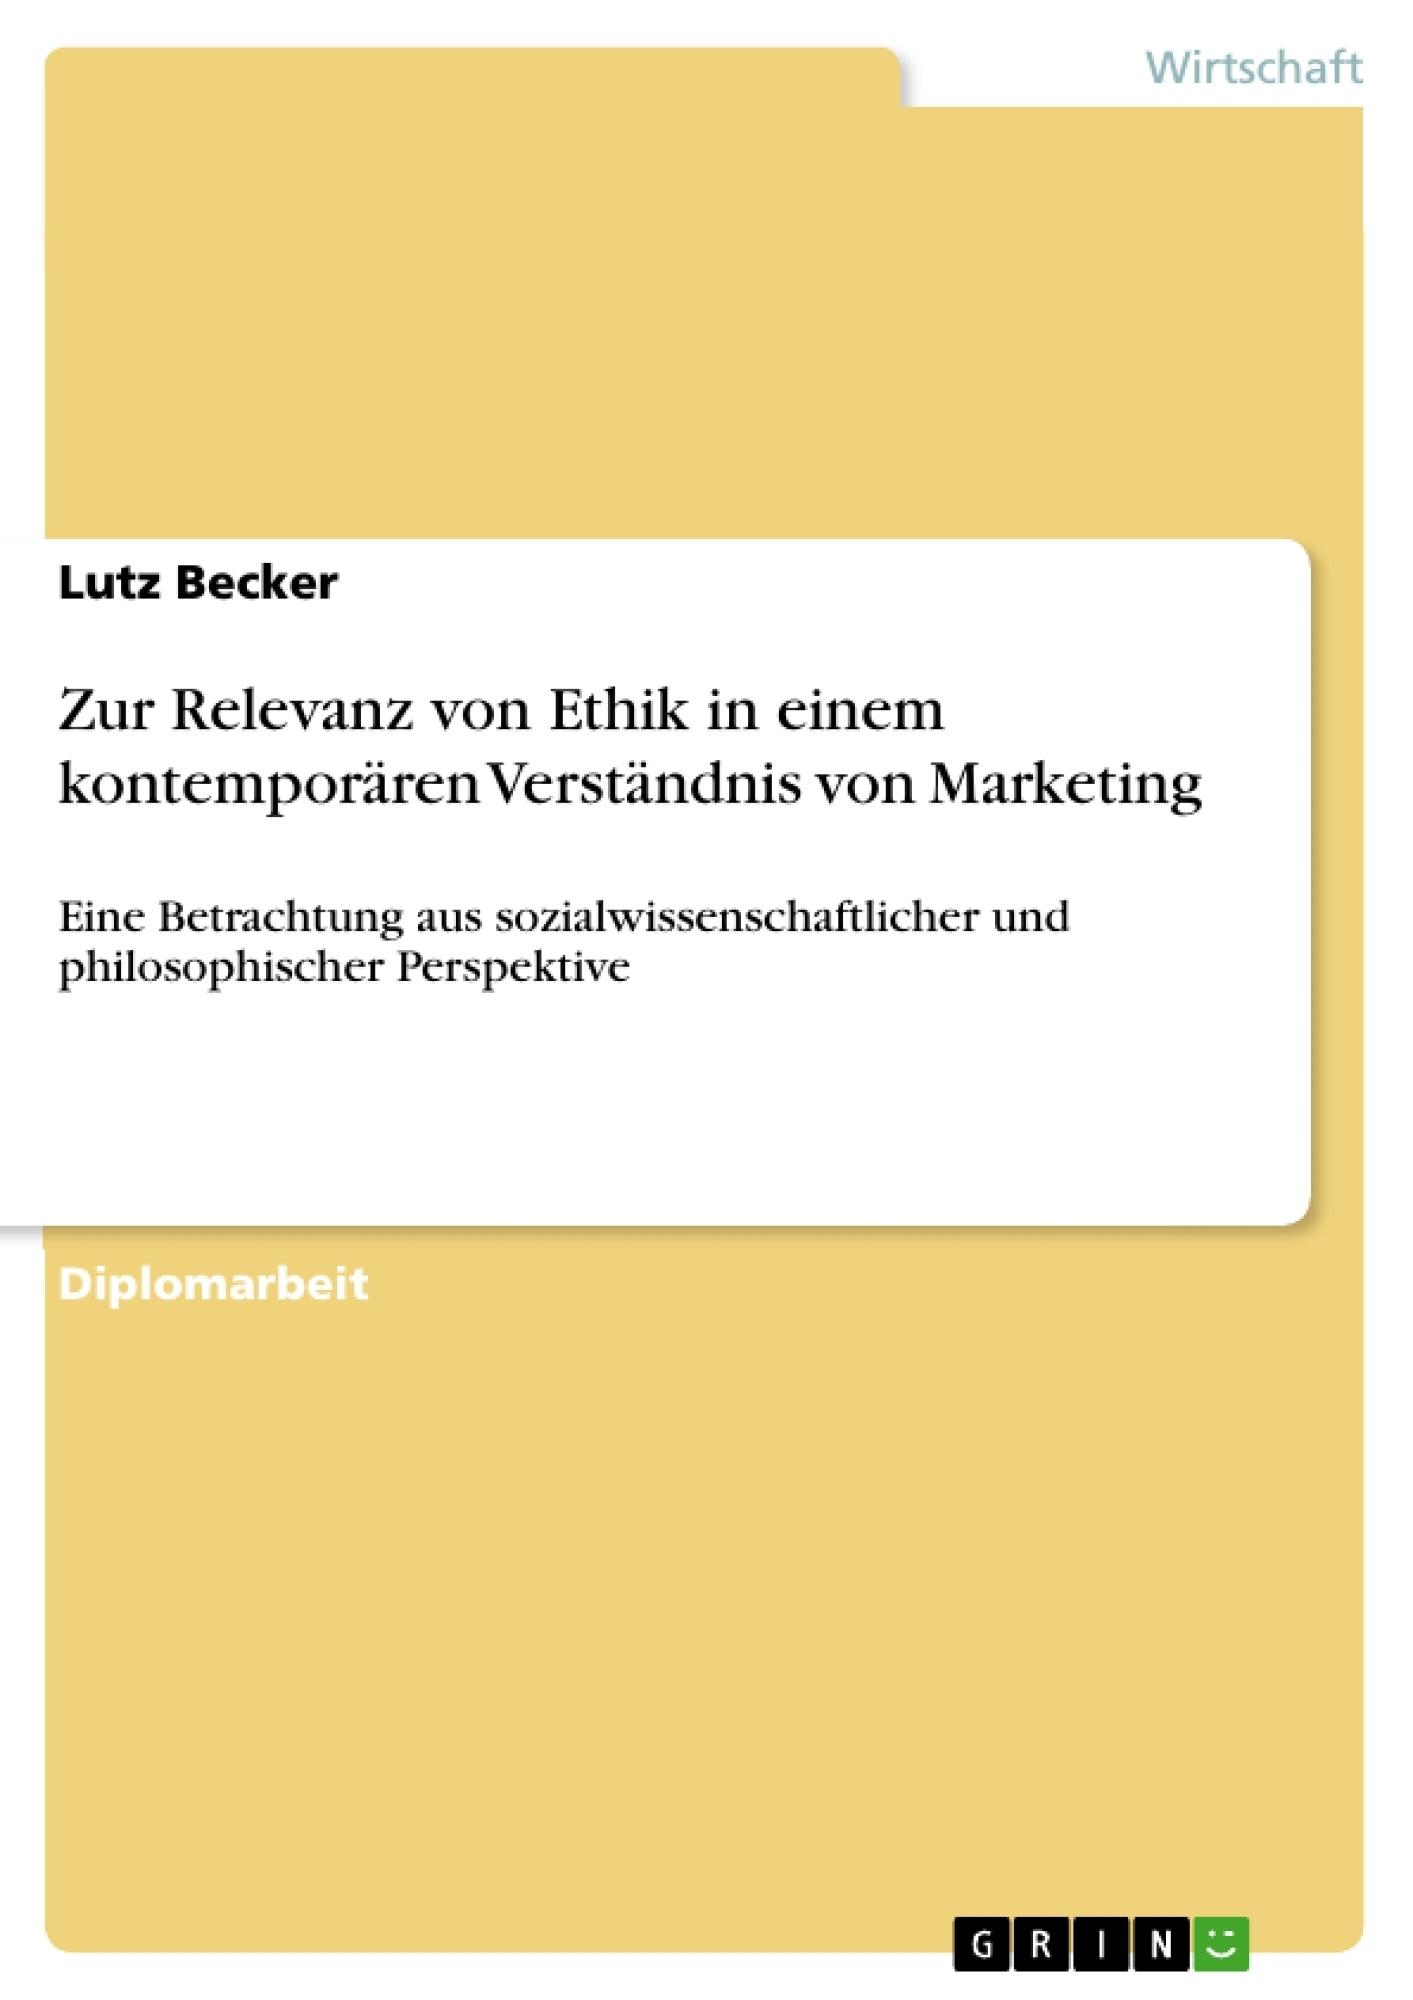 Titel: Zur Relevanz von Ethik in einem kontemporären Verständnis von Marketing